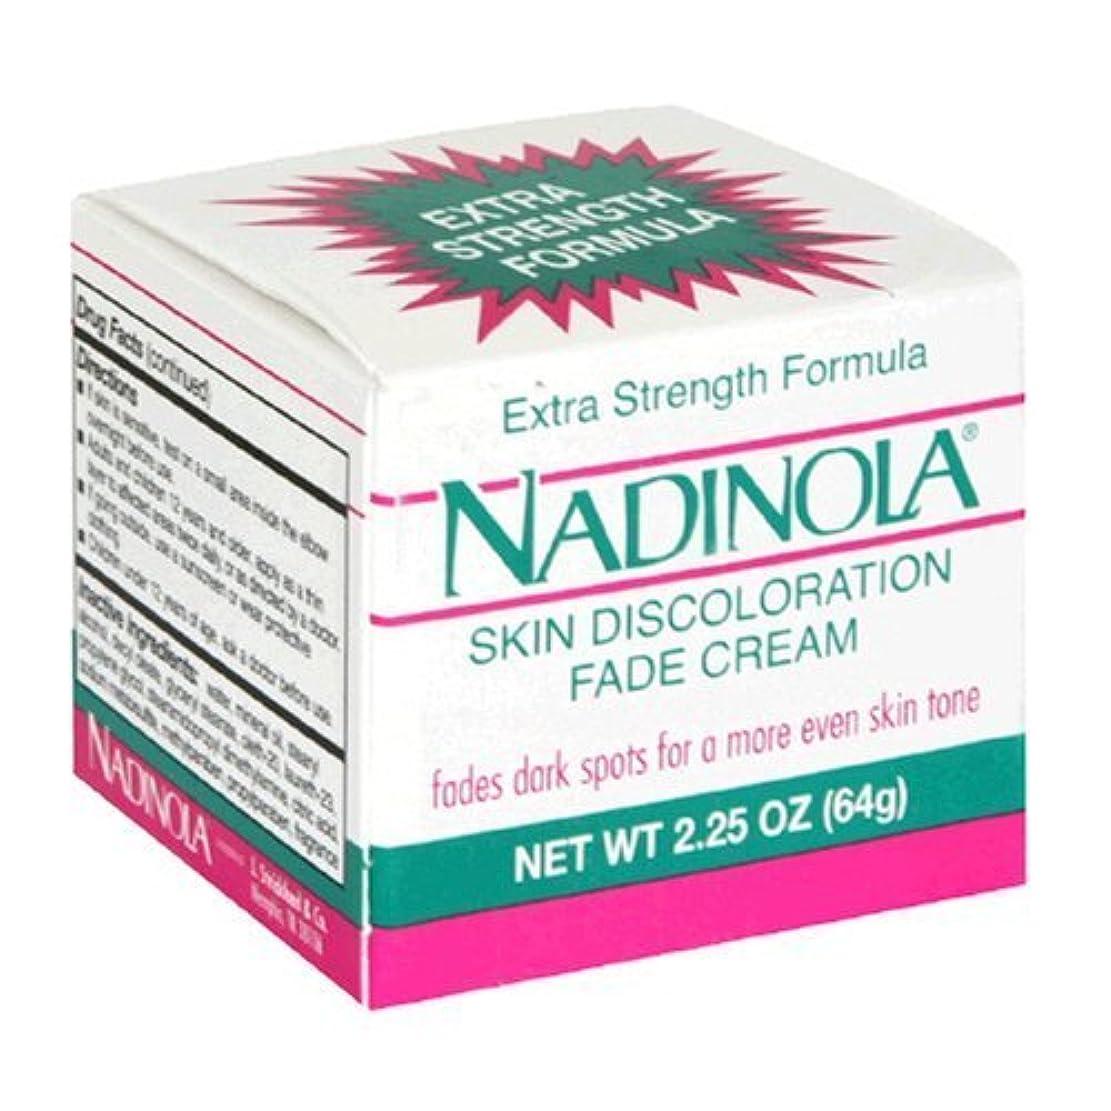 忘れっぽい酸っぱい静かにNadinola Discoloration Fade Cream 2.25oz Extra Strength (並行輸入品)